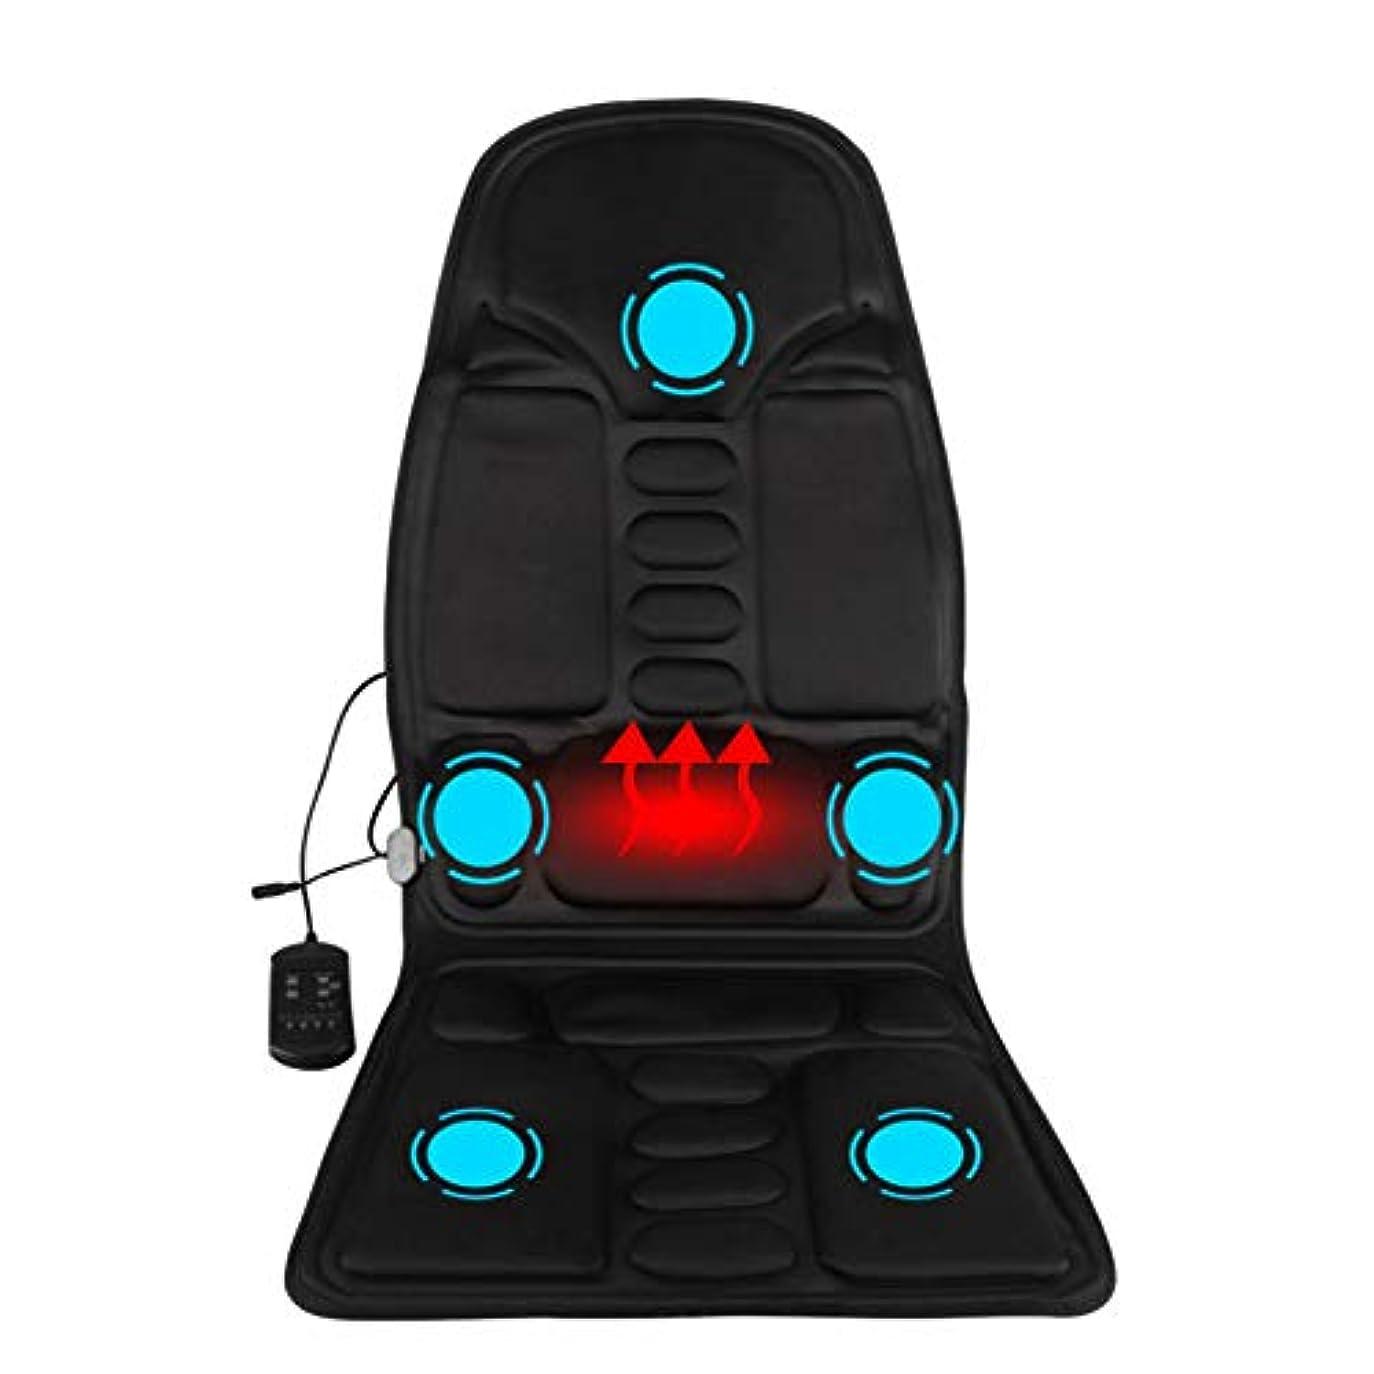 変換する冒険家公爵夫人マッサージのあと振れ止めのクッション、車の総本店の5つの熱振動モーターを搭載する背部そして首全体のための携帯用マッサージャーの座席振動のマッサージ